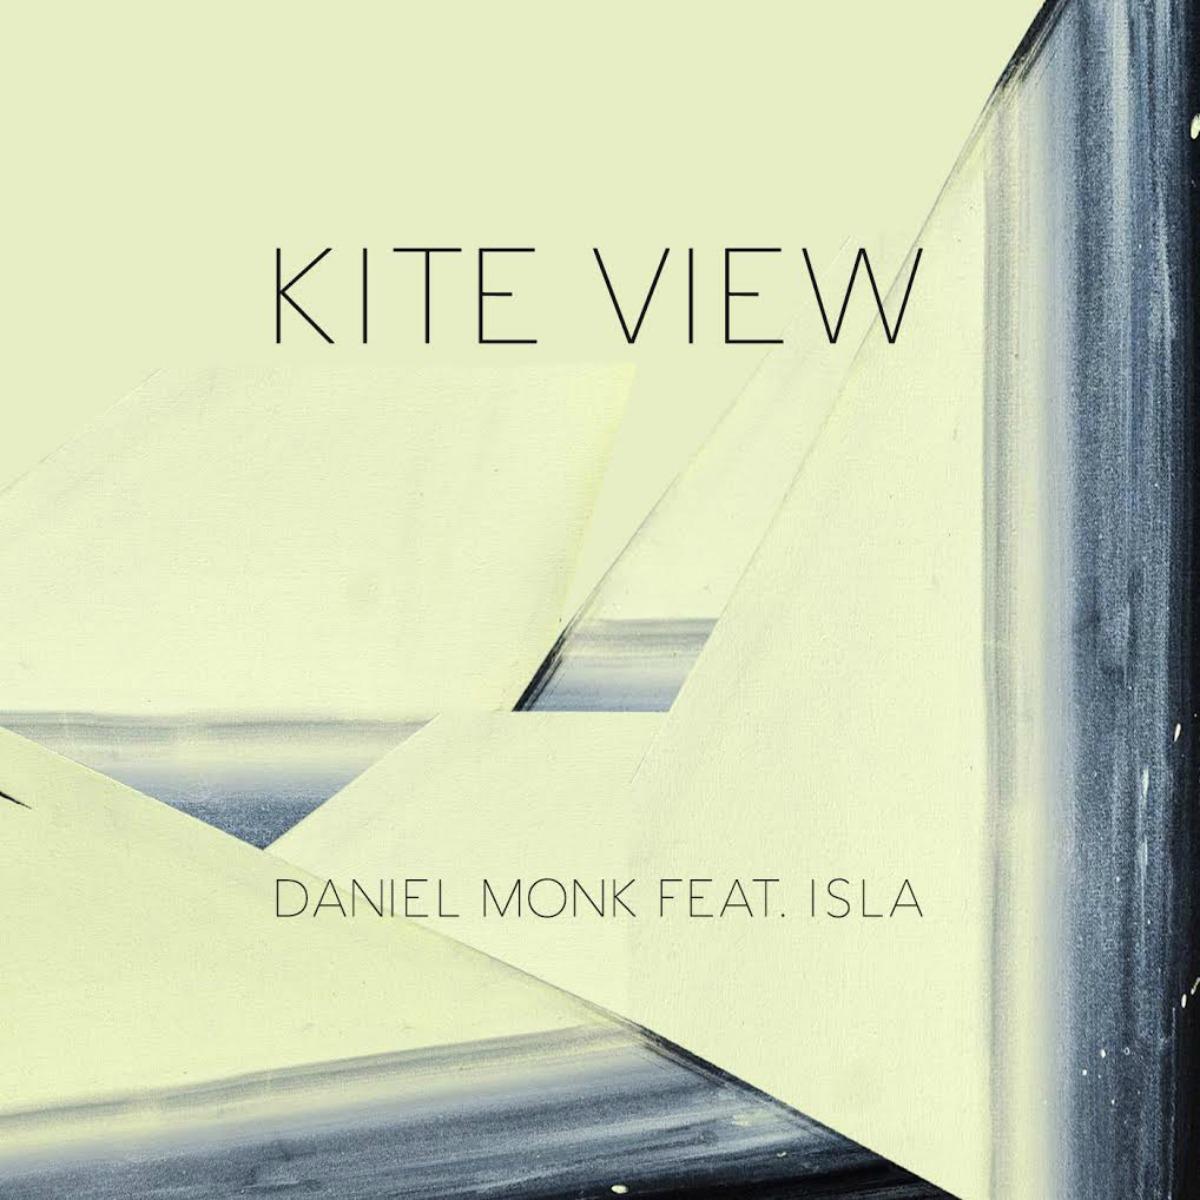 """PLAYING DETROIT: Daniel Monk """"Kite View"""" (feat. ISLA)"""